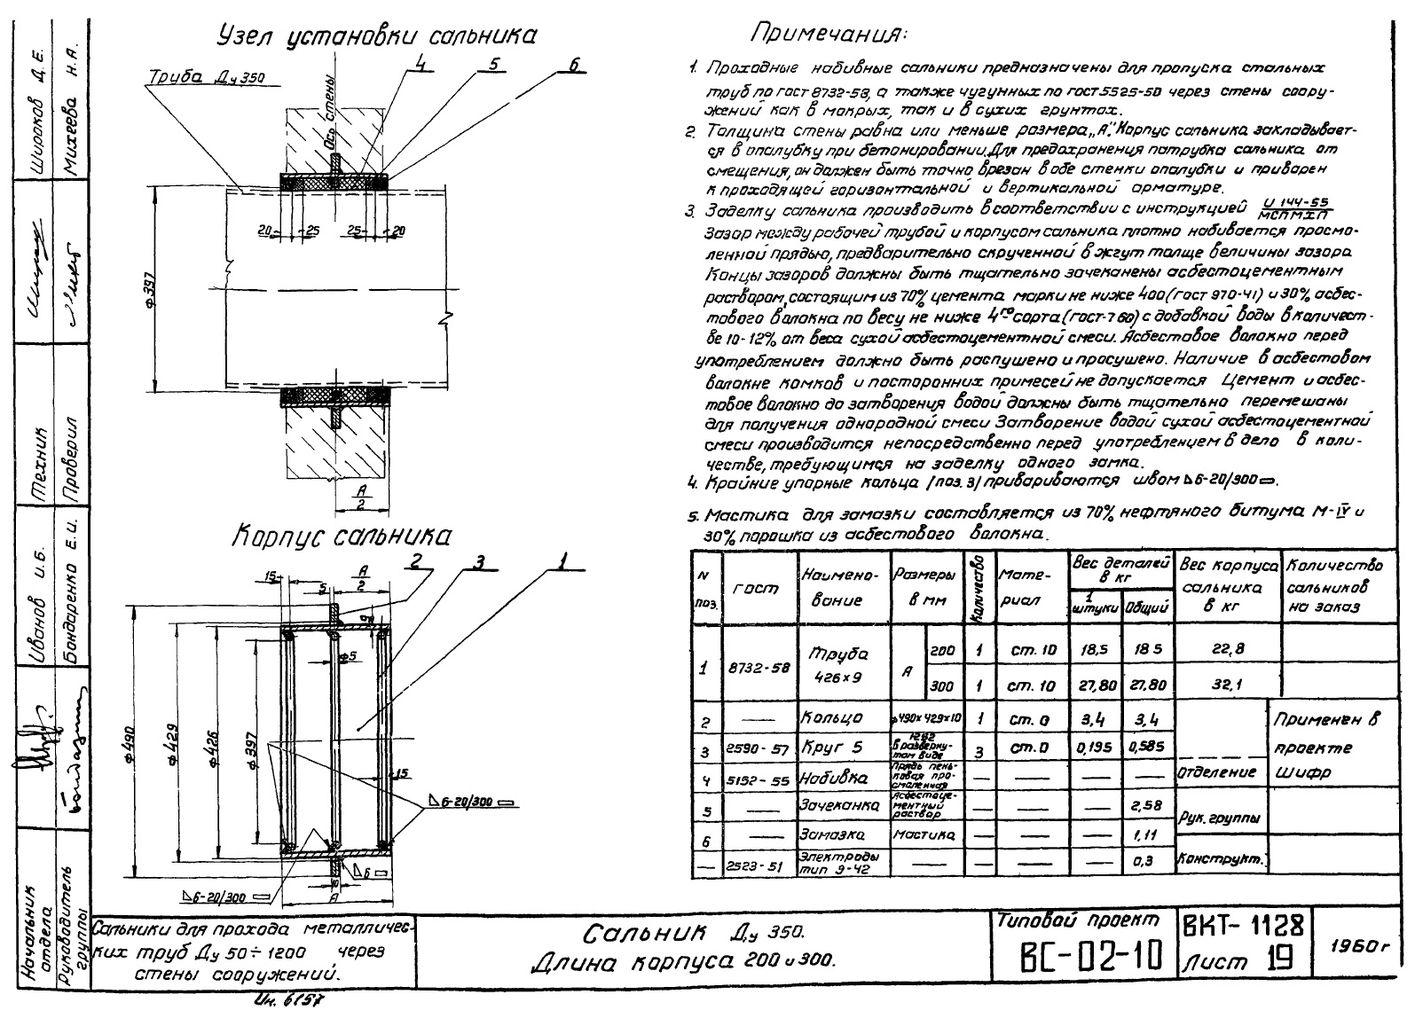 Сальники набивные L = 300 мм типовой проект ВС-02-10 стр.9